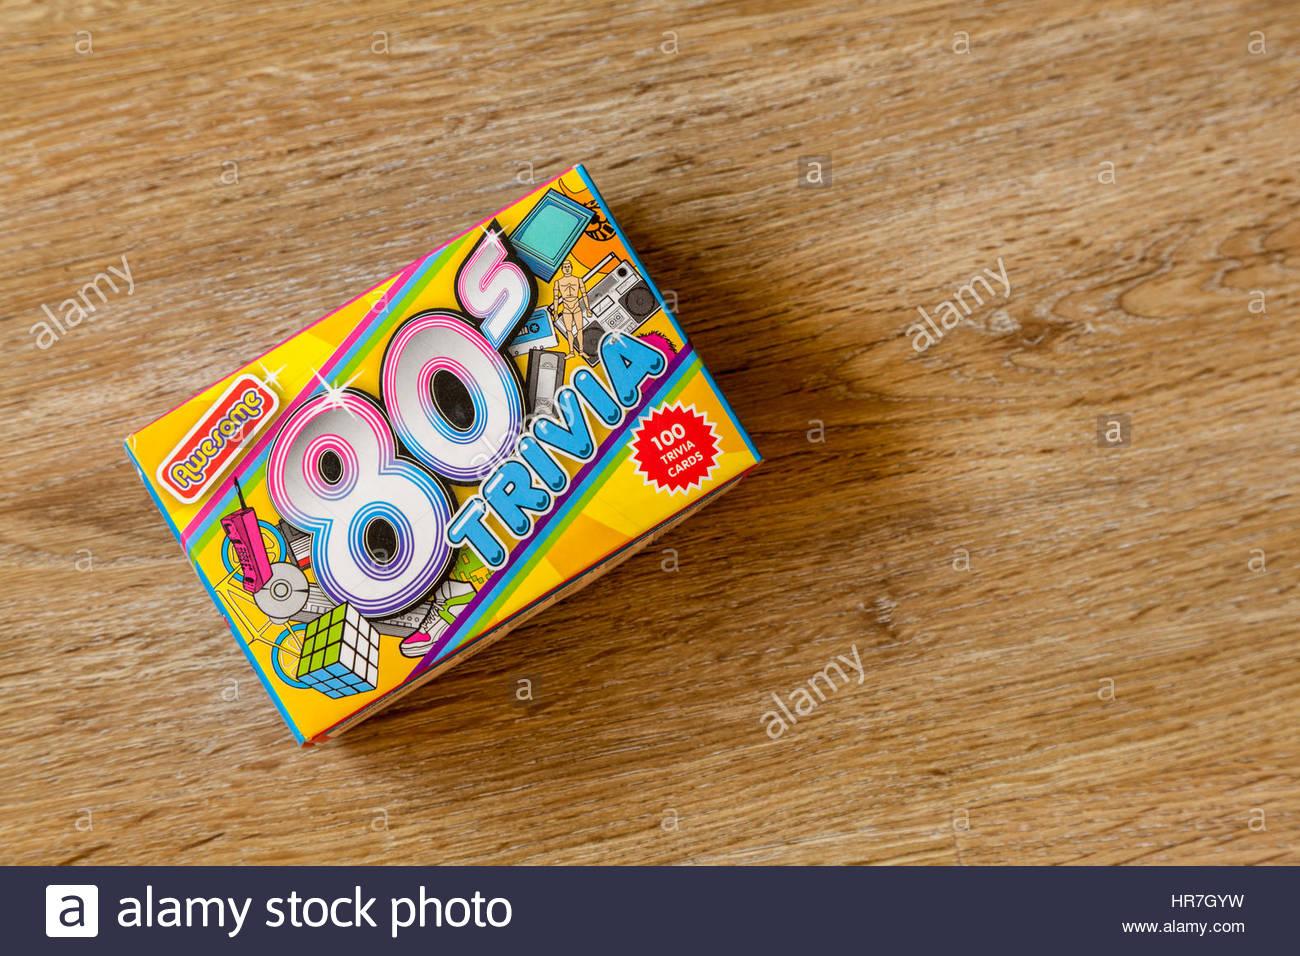 los 80 juego de trivia Imagen De Stock